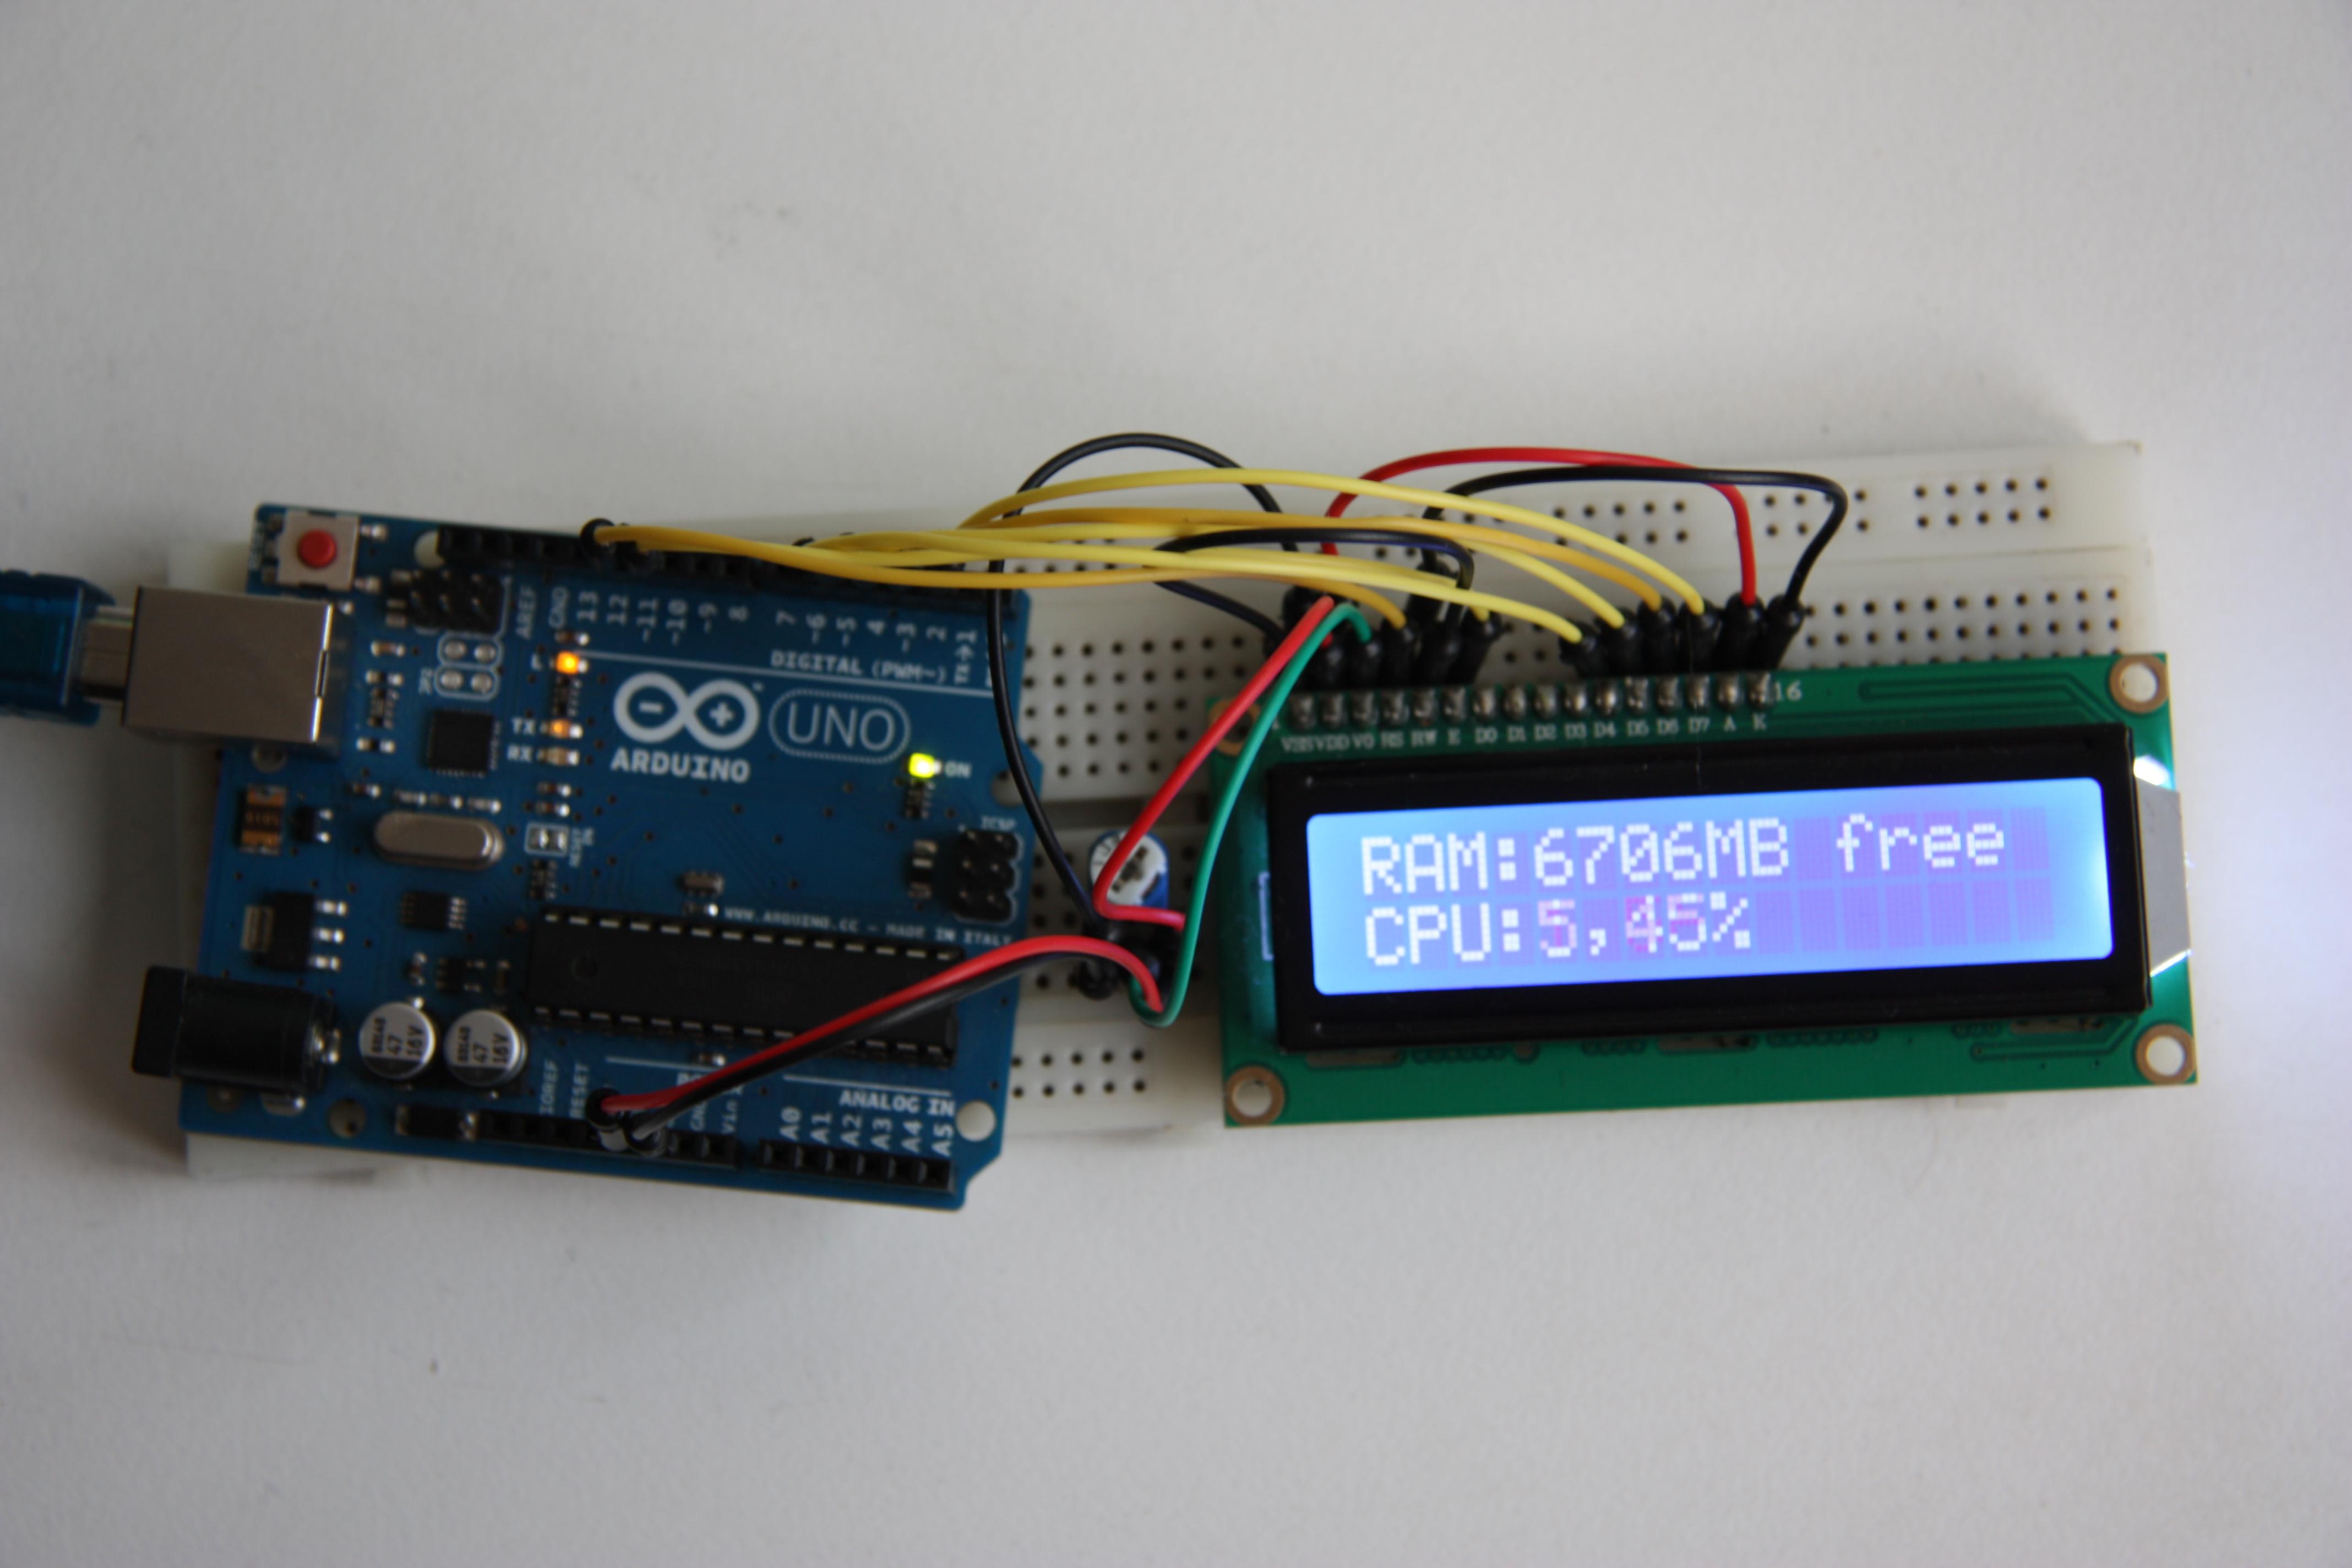 Arduino CPU+RAM usage monitor LCD